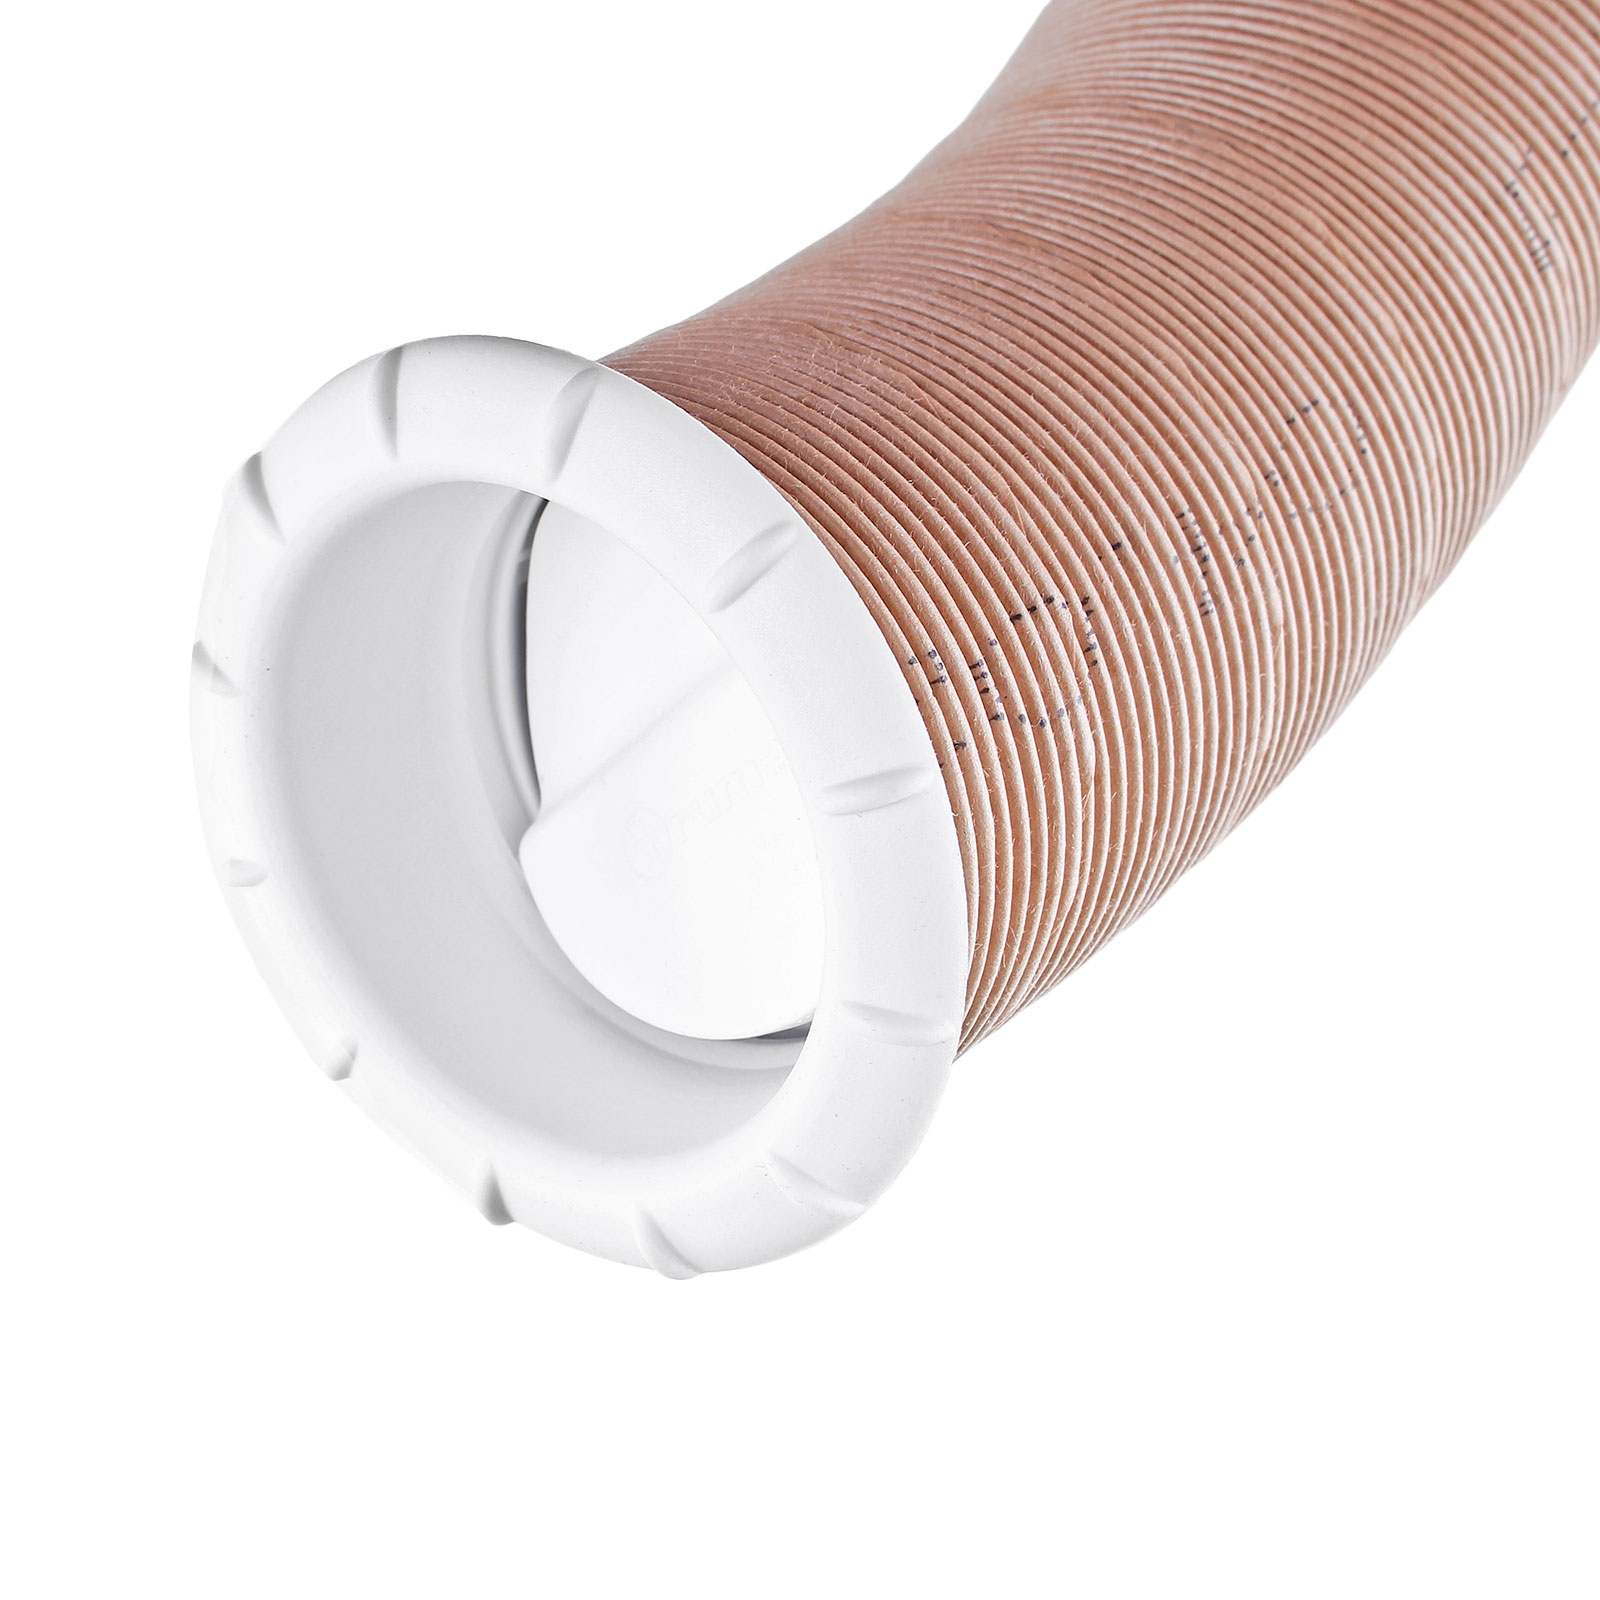 Endstück Warmluftaustritt Weiß Truma für 65mm Warmluftrohre verschließbar